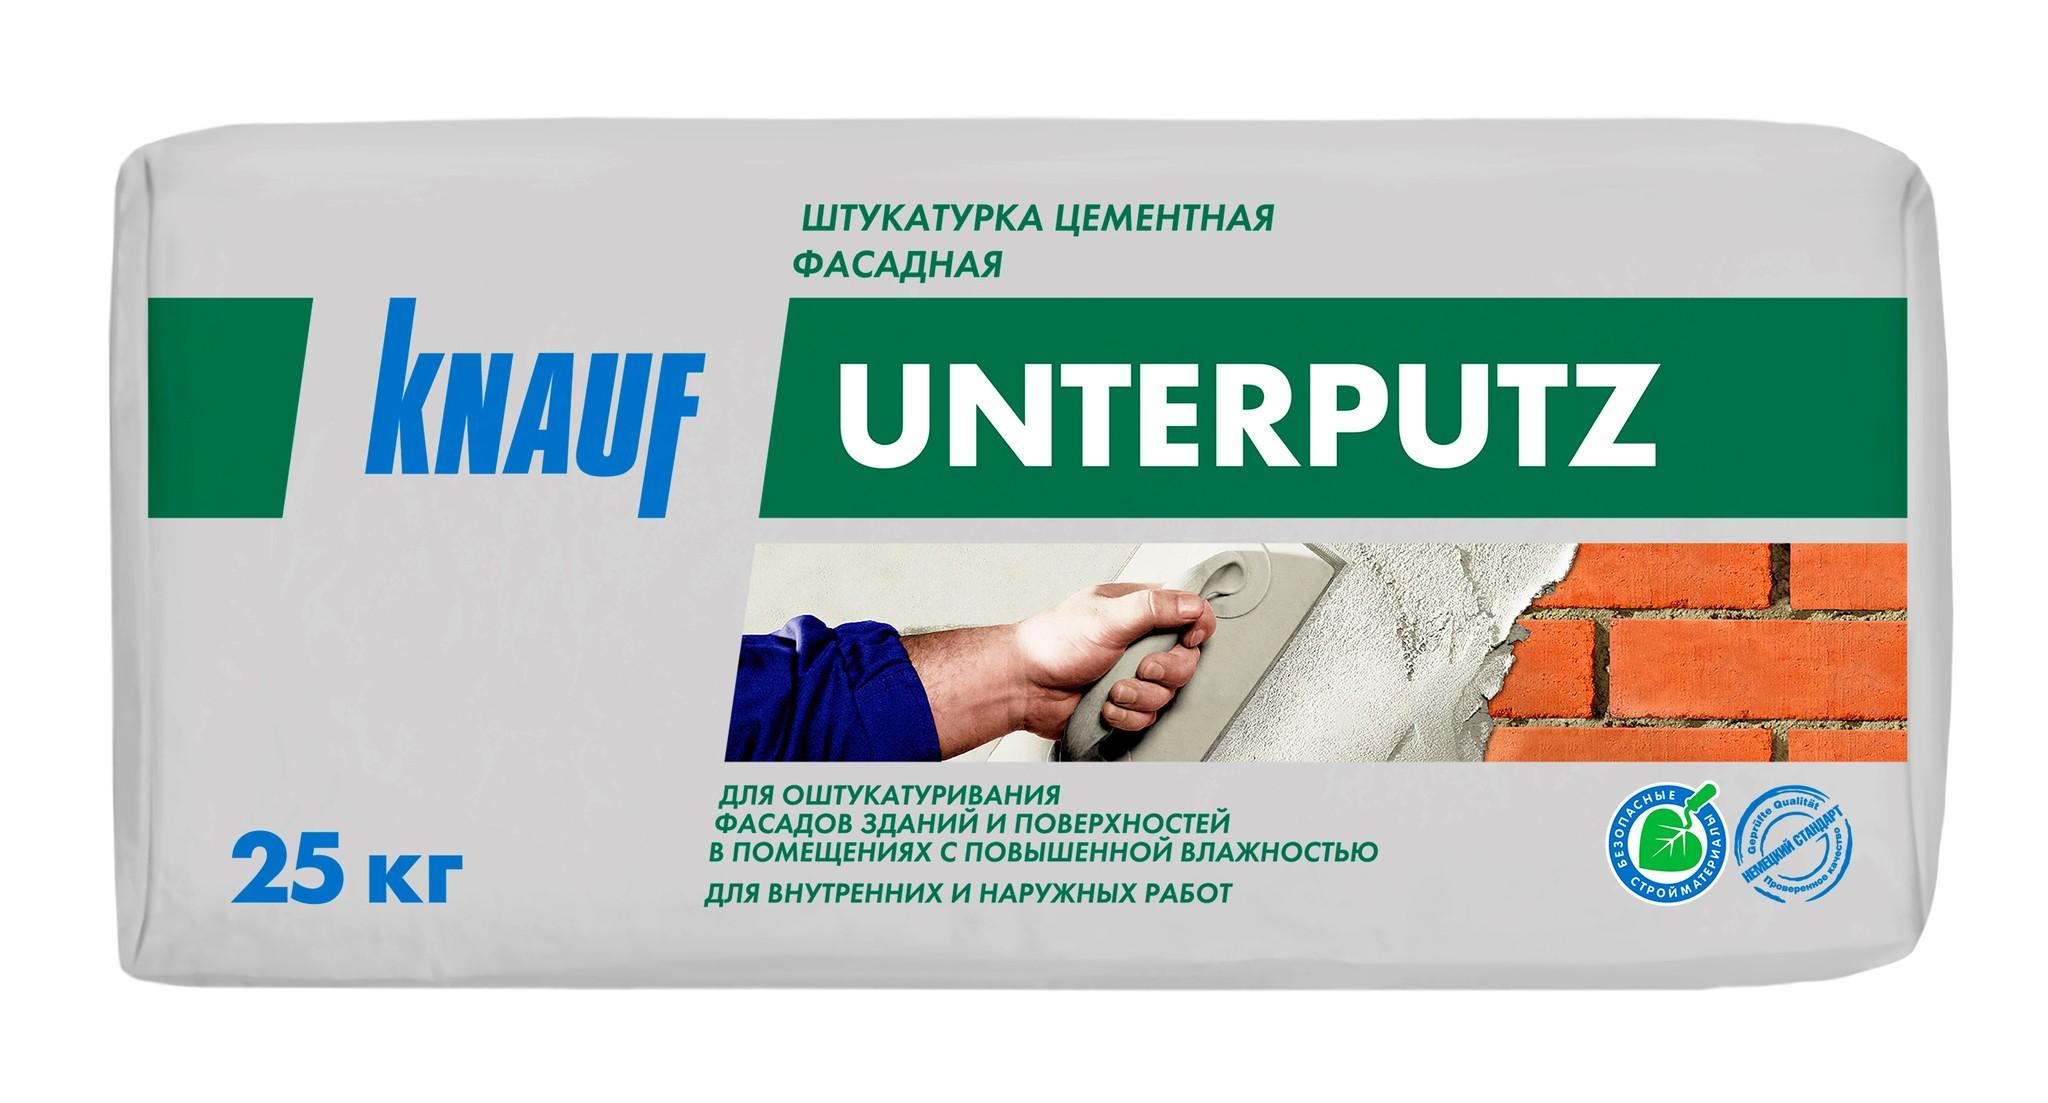 Штукатурки Цементная штукатурка Knauf Унтерпутц, 25 кг cf2f318d643e48958cf906edf24a761b.jpg